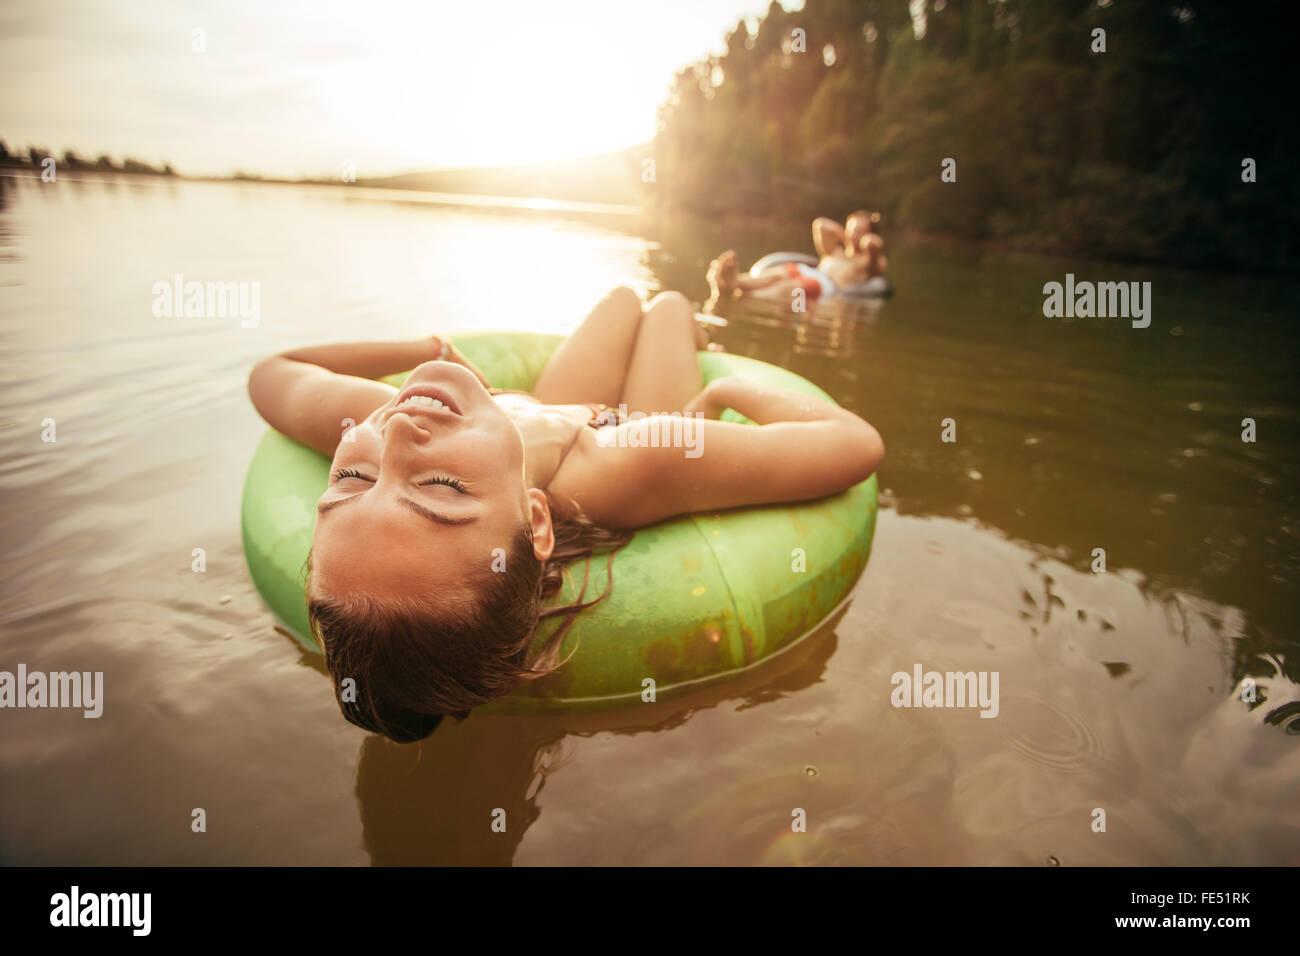 Closeup Ritratto di giovane donna con gli occhi chiusi rilassante su anello gonfiabile nel lago in una giornata Immagini Stock